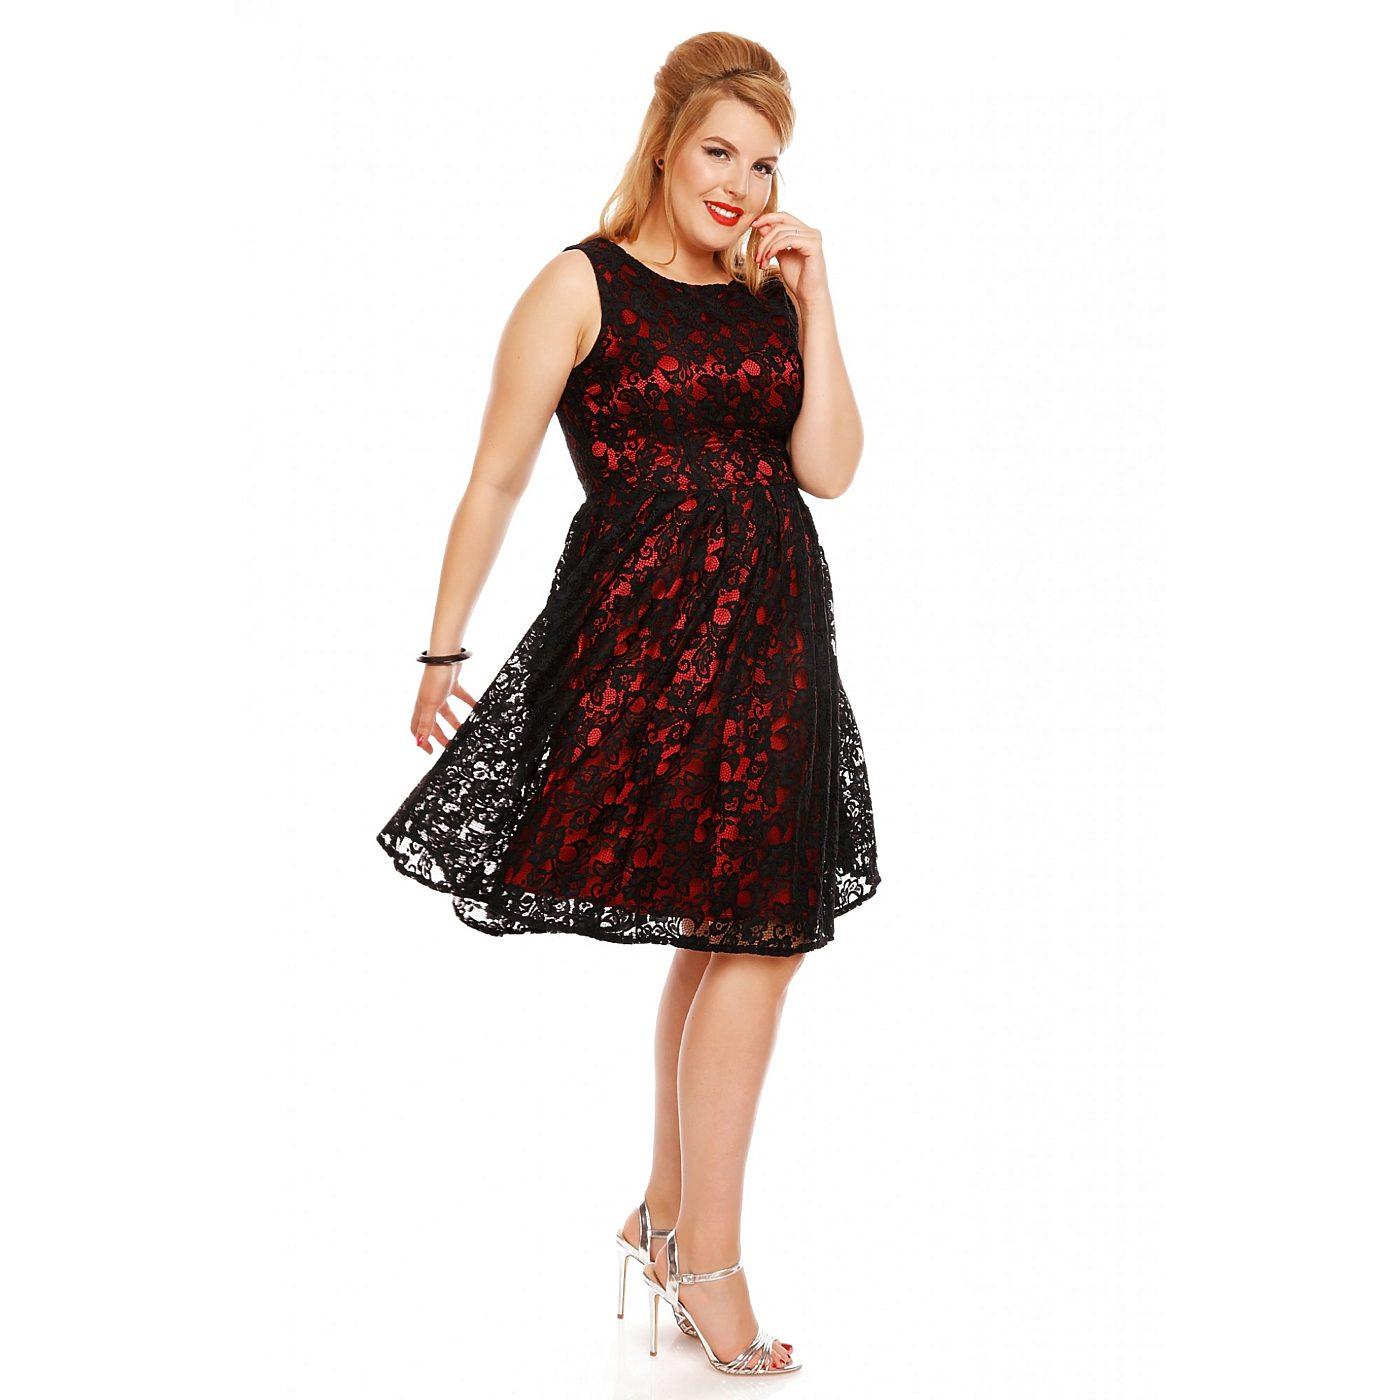 593f49430afb Černo červené šaty s krajkou Dolly and Dotty Annie Dolly and Dotty ...